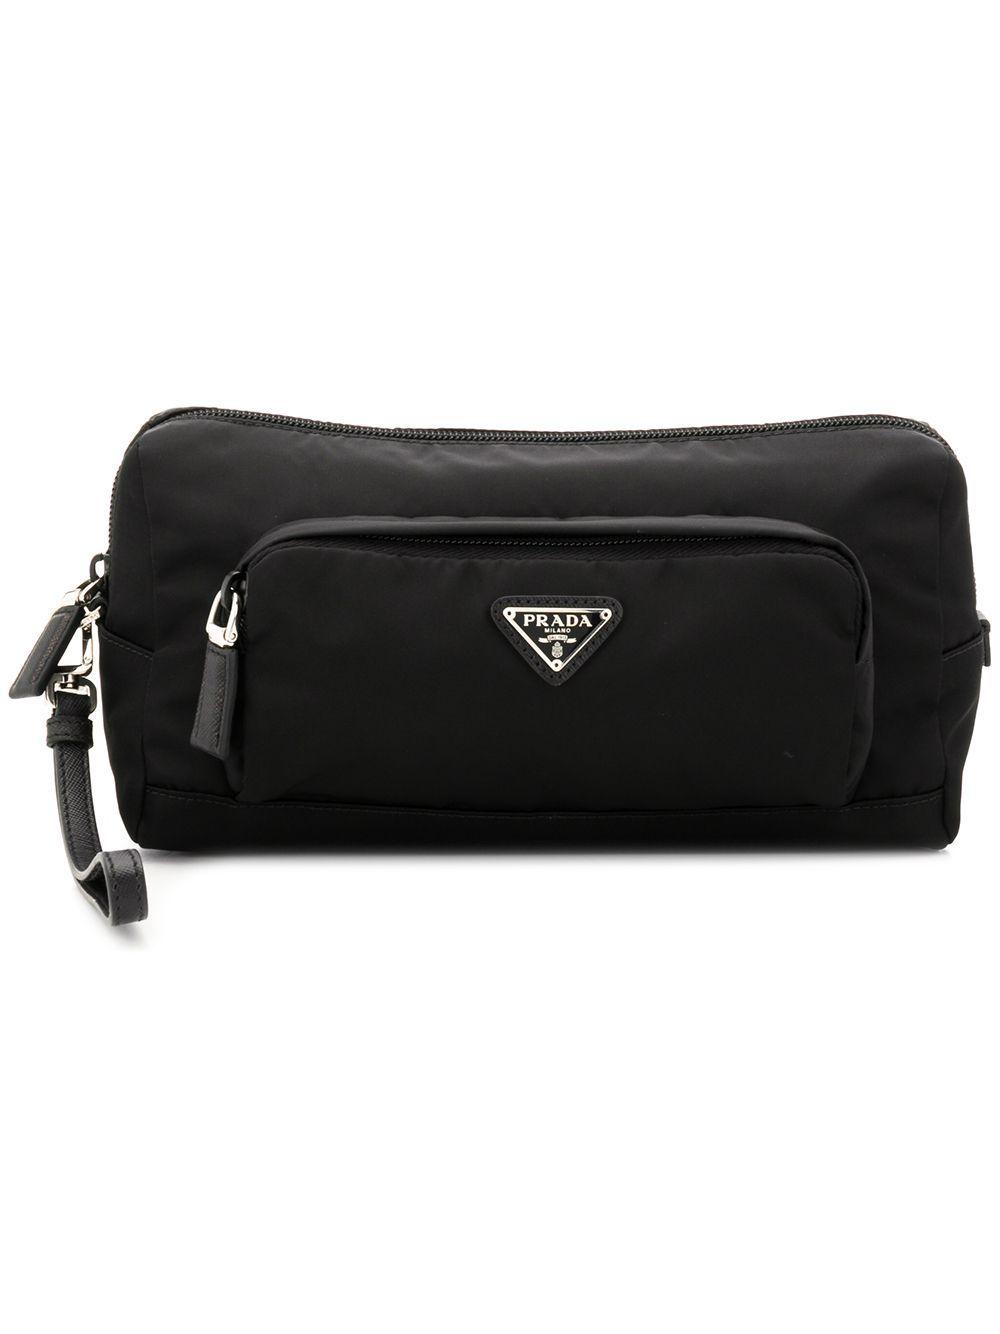 d40c169f4fe3 PRADA PRADA LOGO WASH BAG - 黑色. #prada   Prada   Wash bags, Prada ...